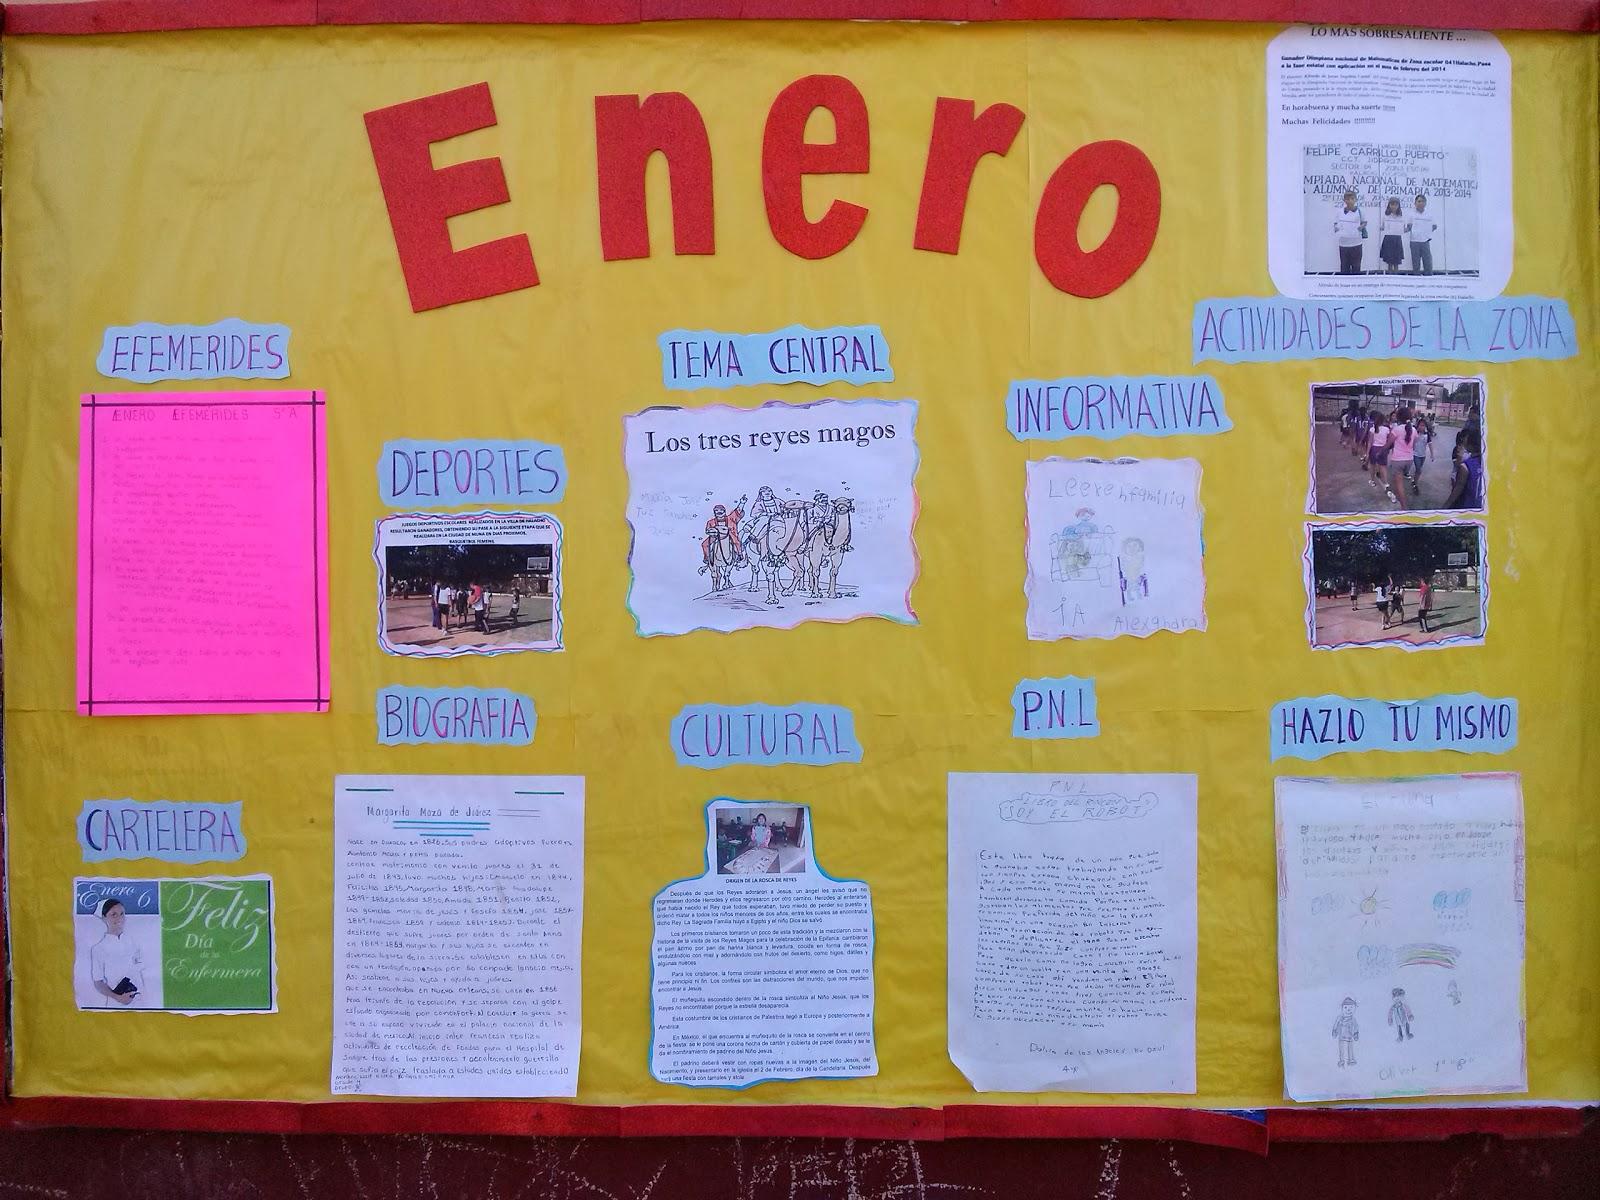 Periodico mura enero 1 imagenes educativas for Q es periodico mural